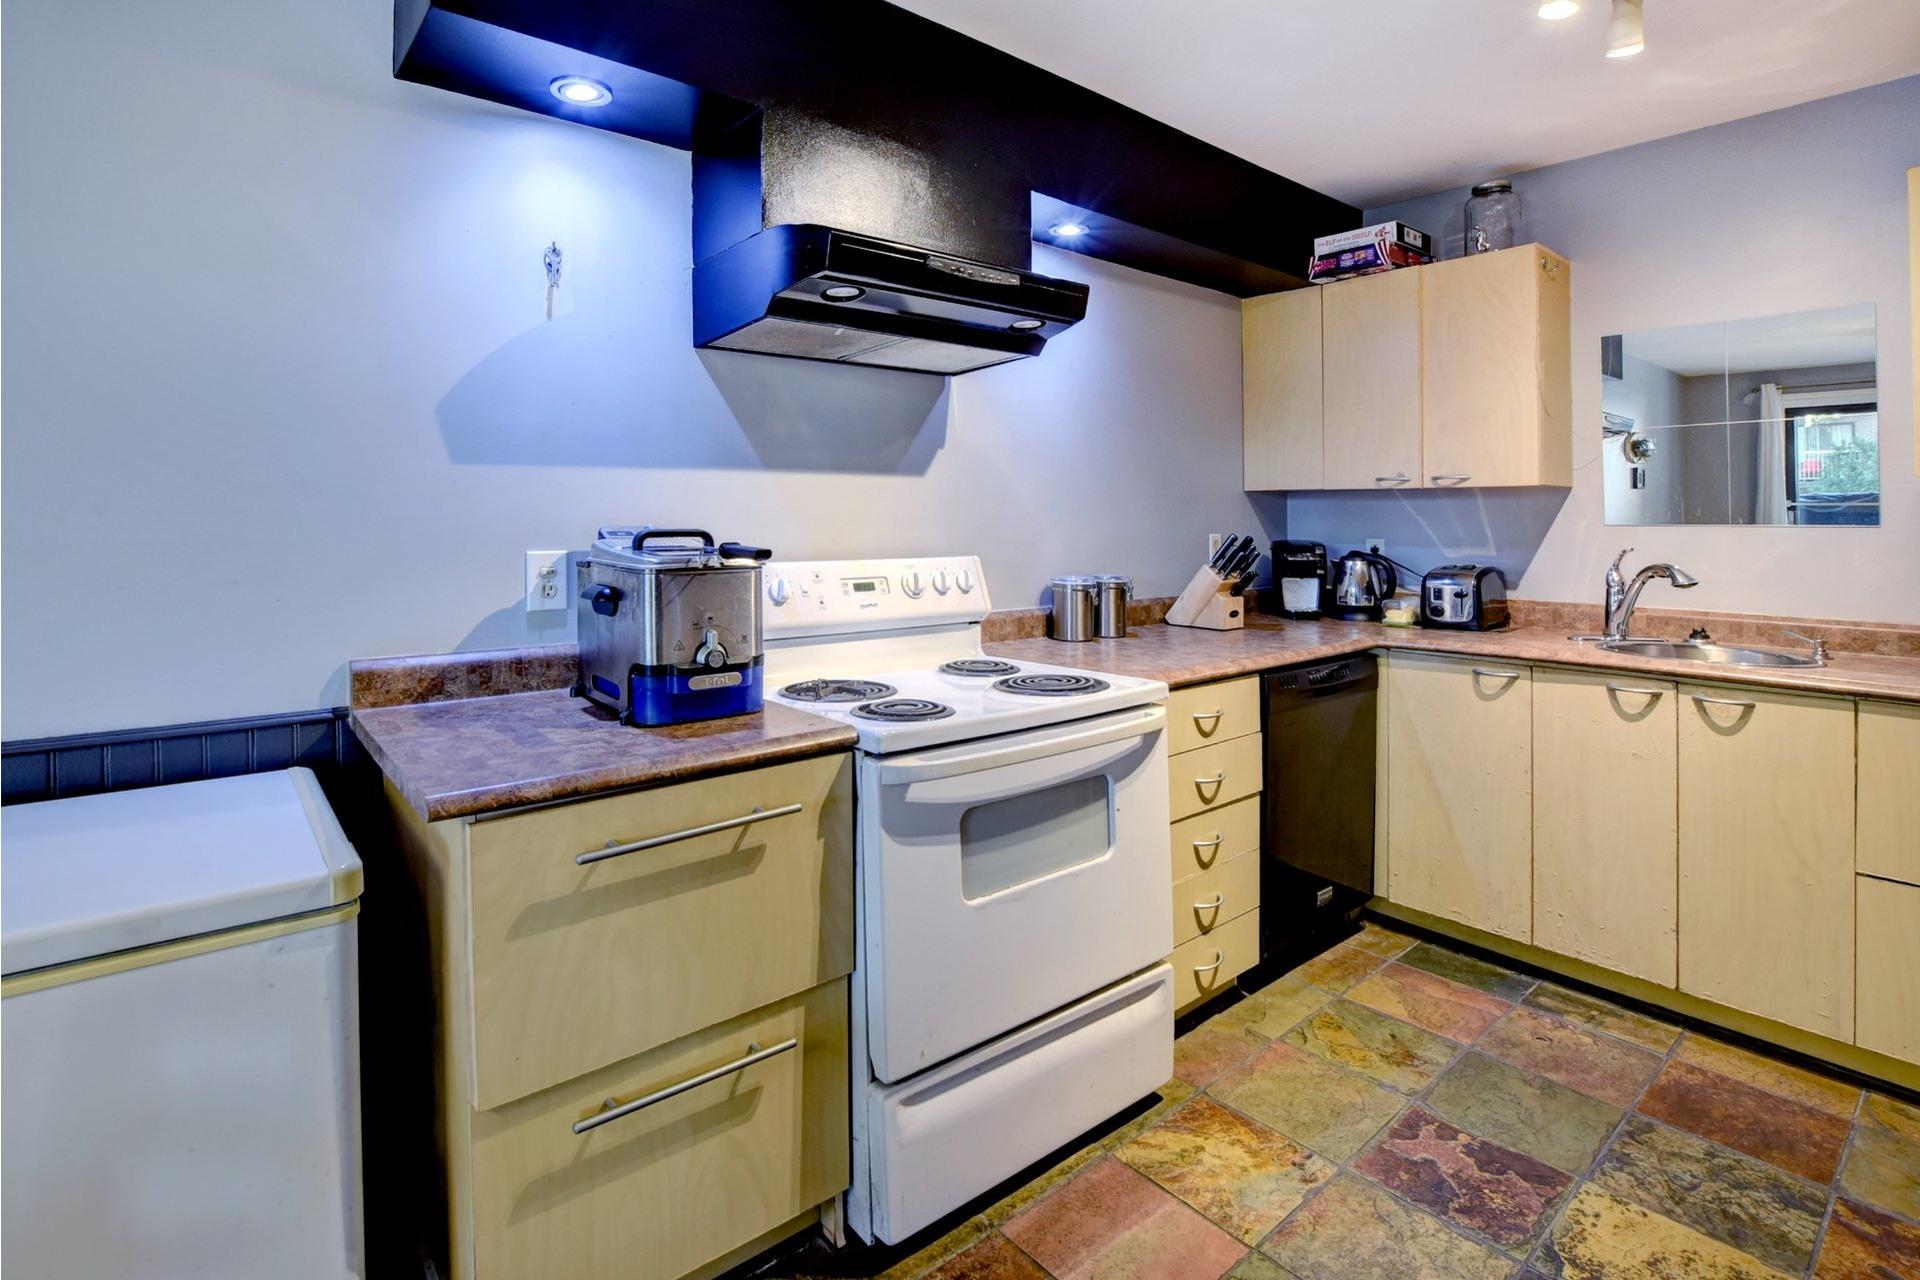 image 8 - Appartement À vendre Rivière-des-Prairies/Pointe-aux-Trembles Montréal  - 6 pièces